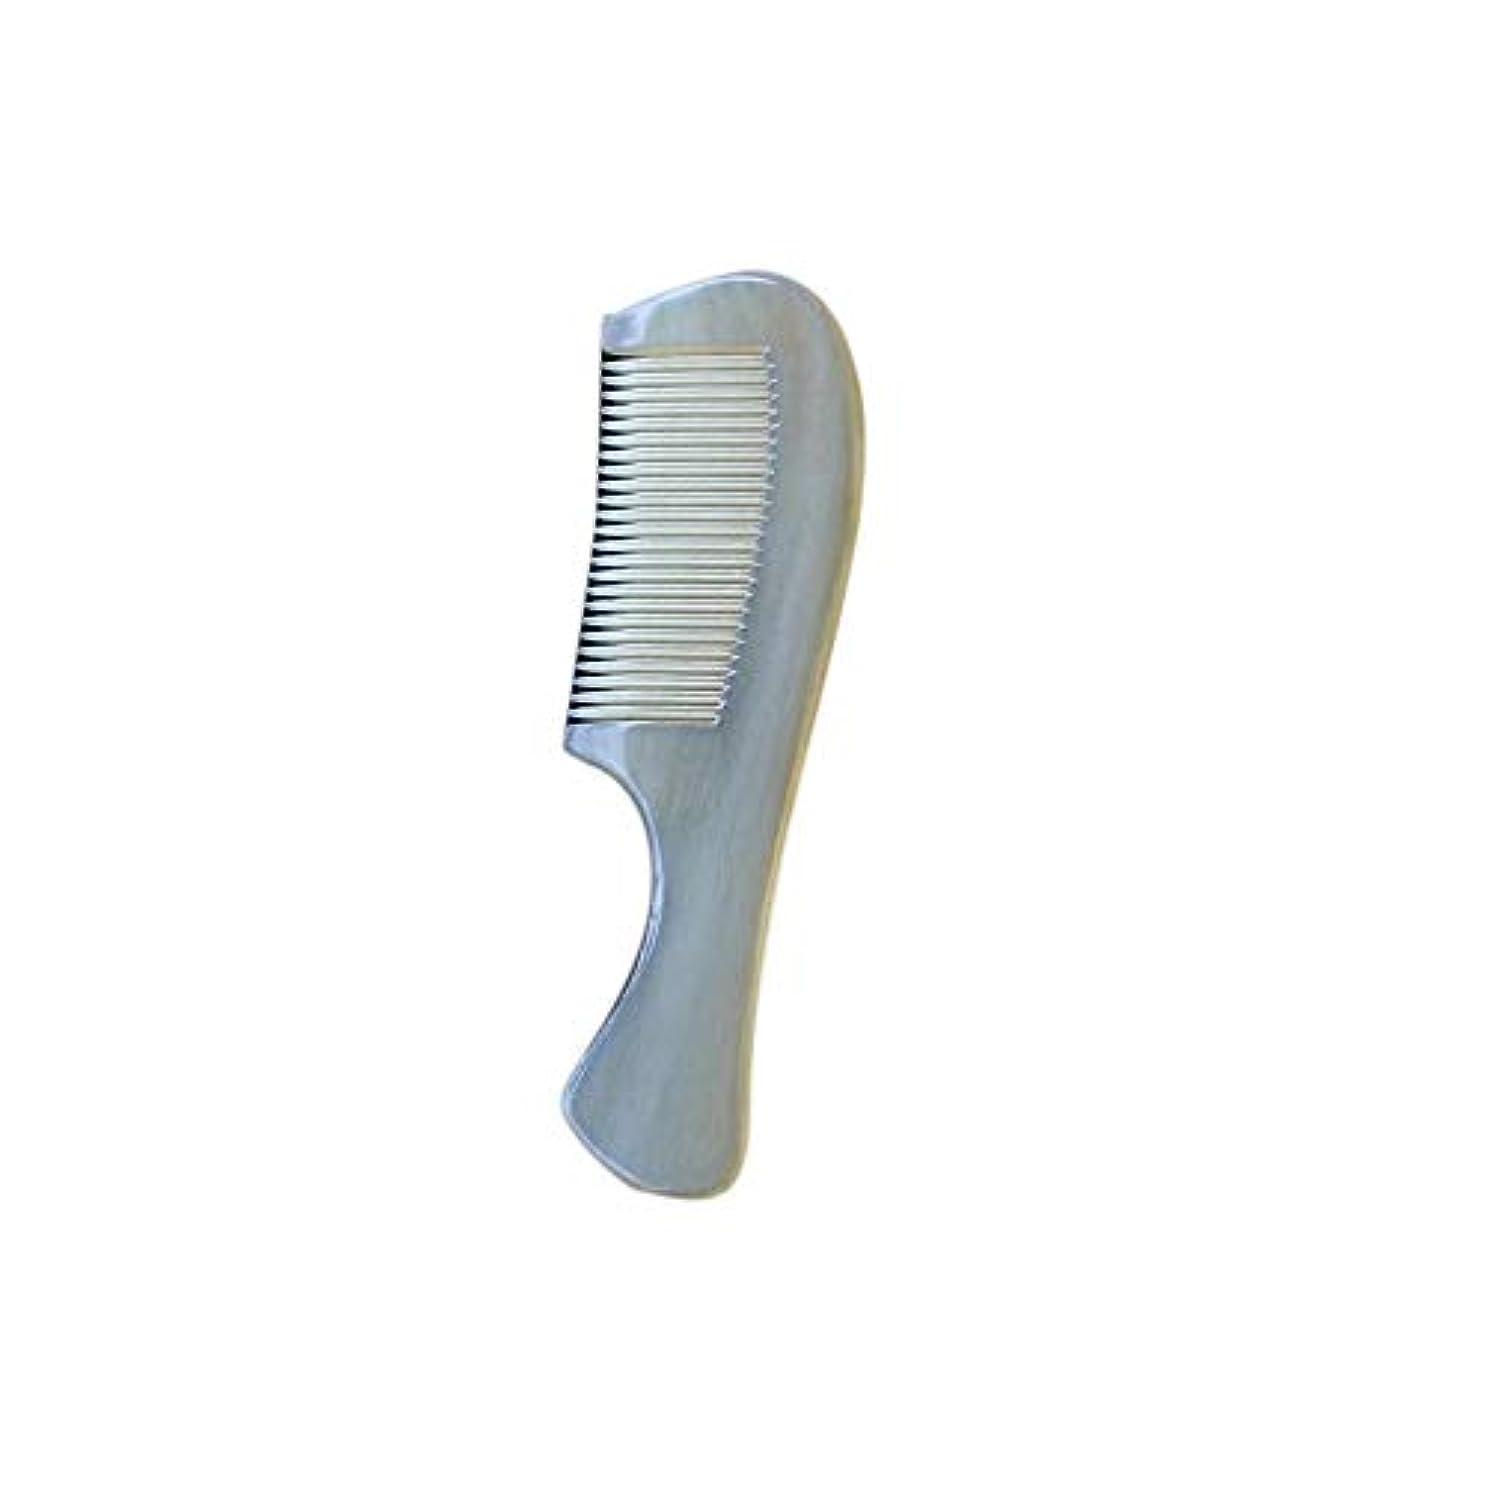 学生賭け裁量WASAIO 羊の角の櫛手作りの木製抗静的カーリーストレートヘアブラシブラシナチュラルノーワイド歯髪のポケットマッサージ